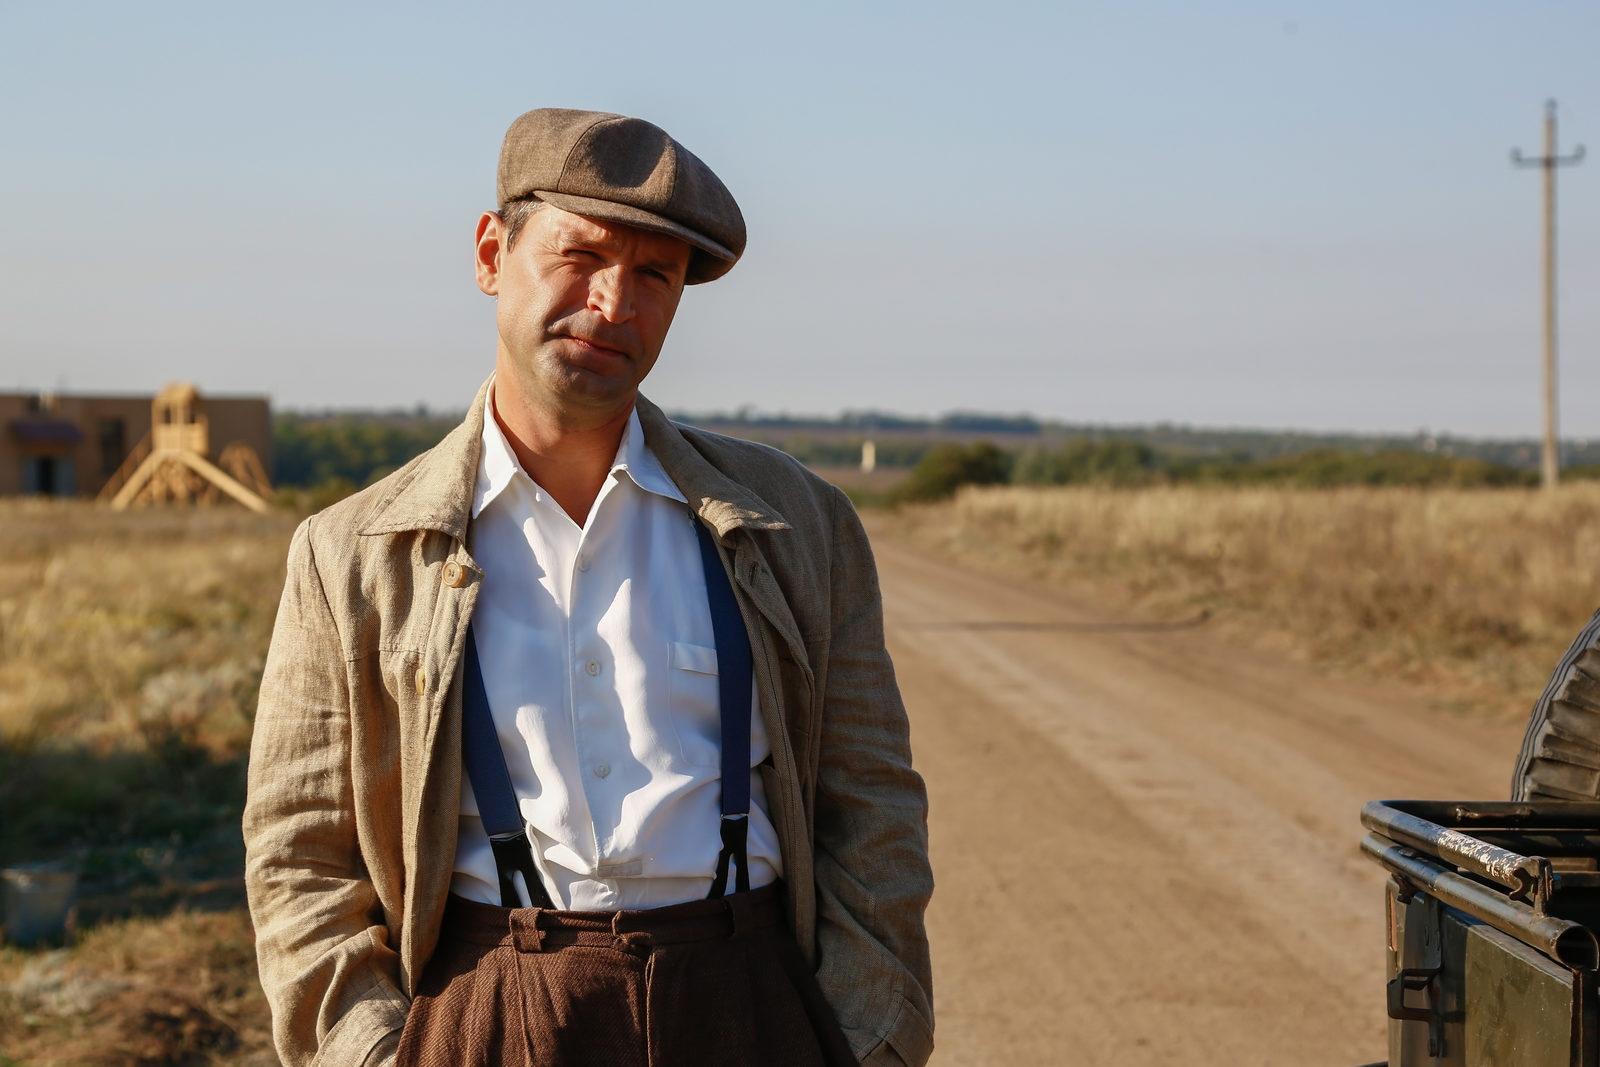 Премьера сериала Игоря Копылова «Бомба», где главные роли исполнили Евгений Ткачук, Виктор Добронравов и Евгения Брик, состоится 9 ноября на «России-1», сообщает пресс-служба телеканала.